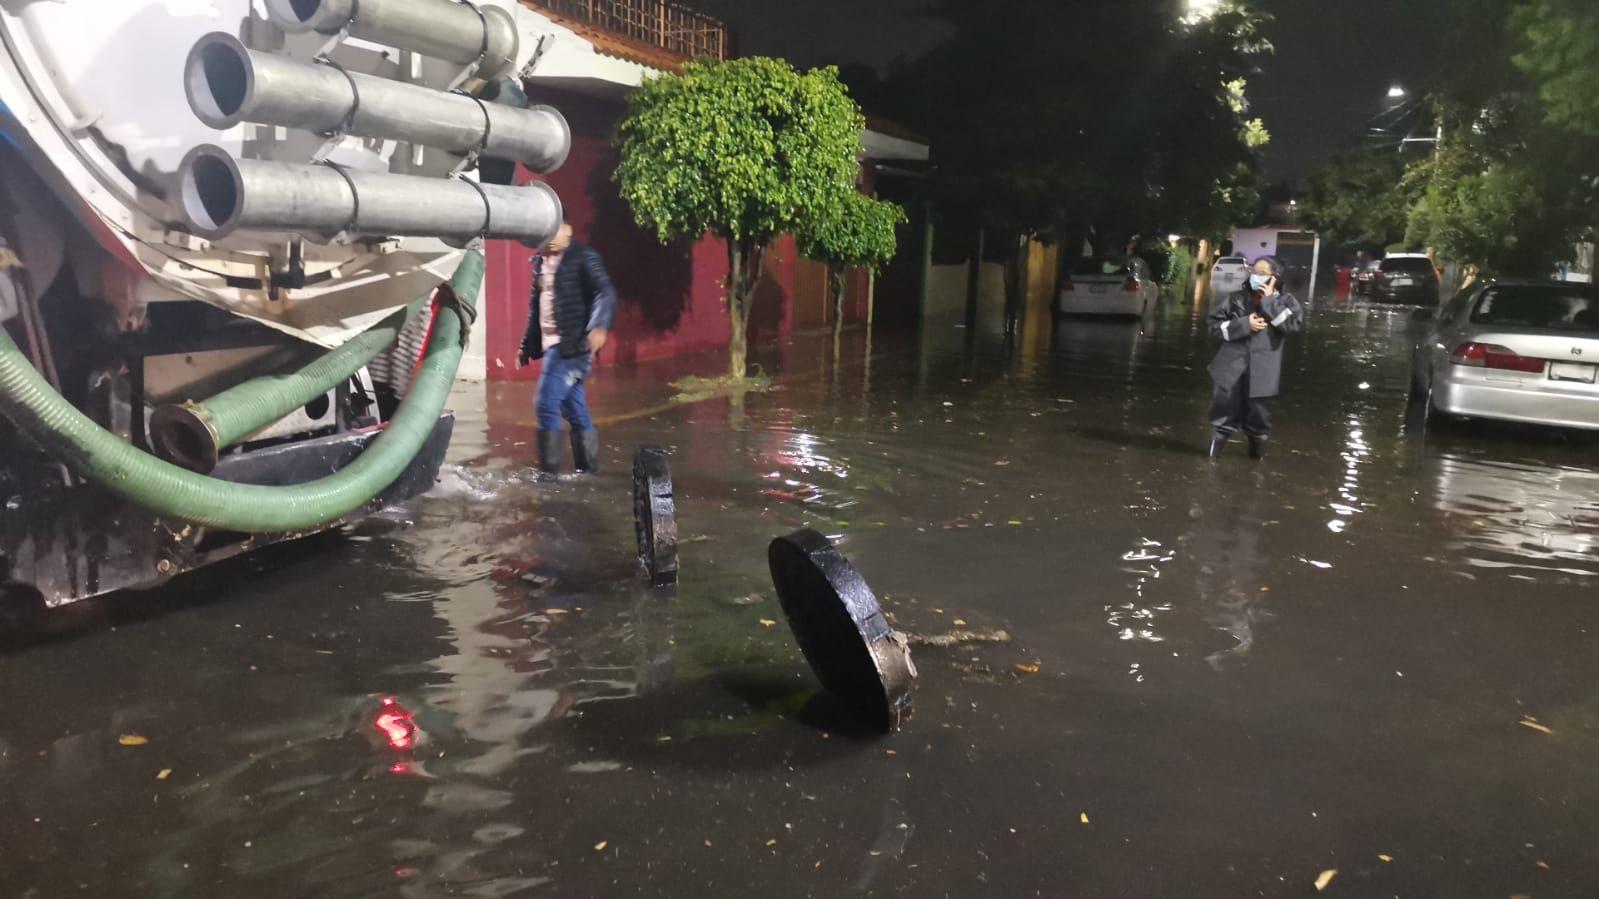 la intensa precipitación rebasó la capacidad de desalojo de cárcamos, dejando severos encharcamientos en vialidades de comunidades como San Lorenzo, entre otras